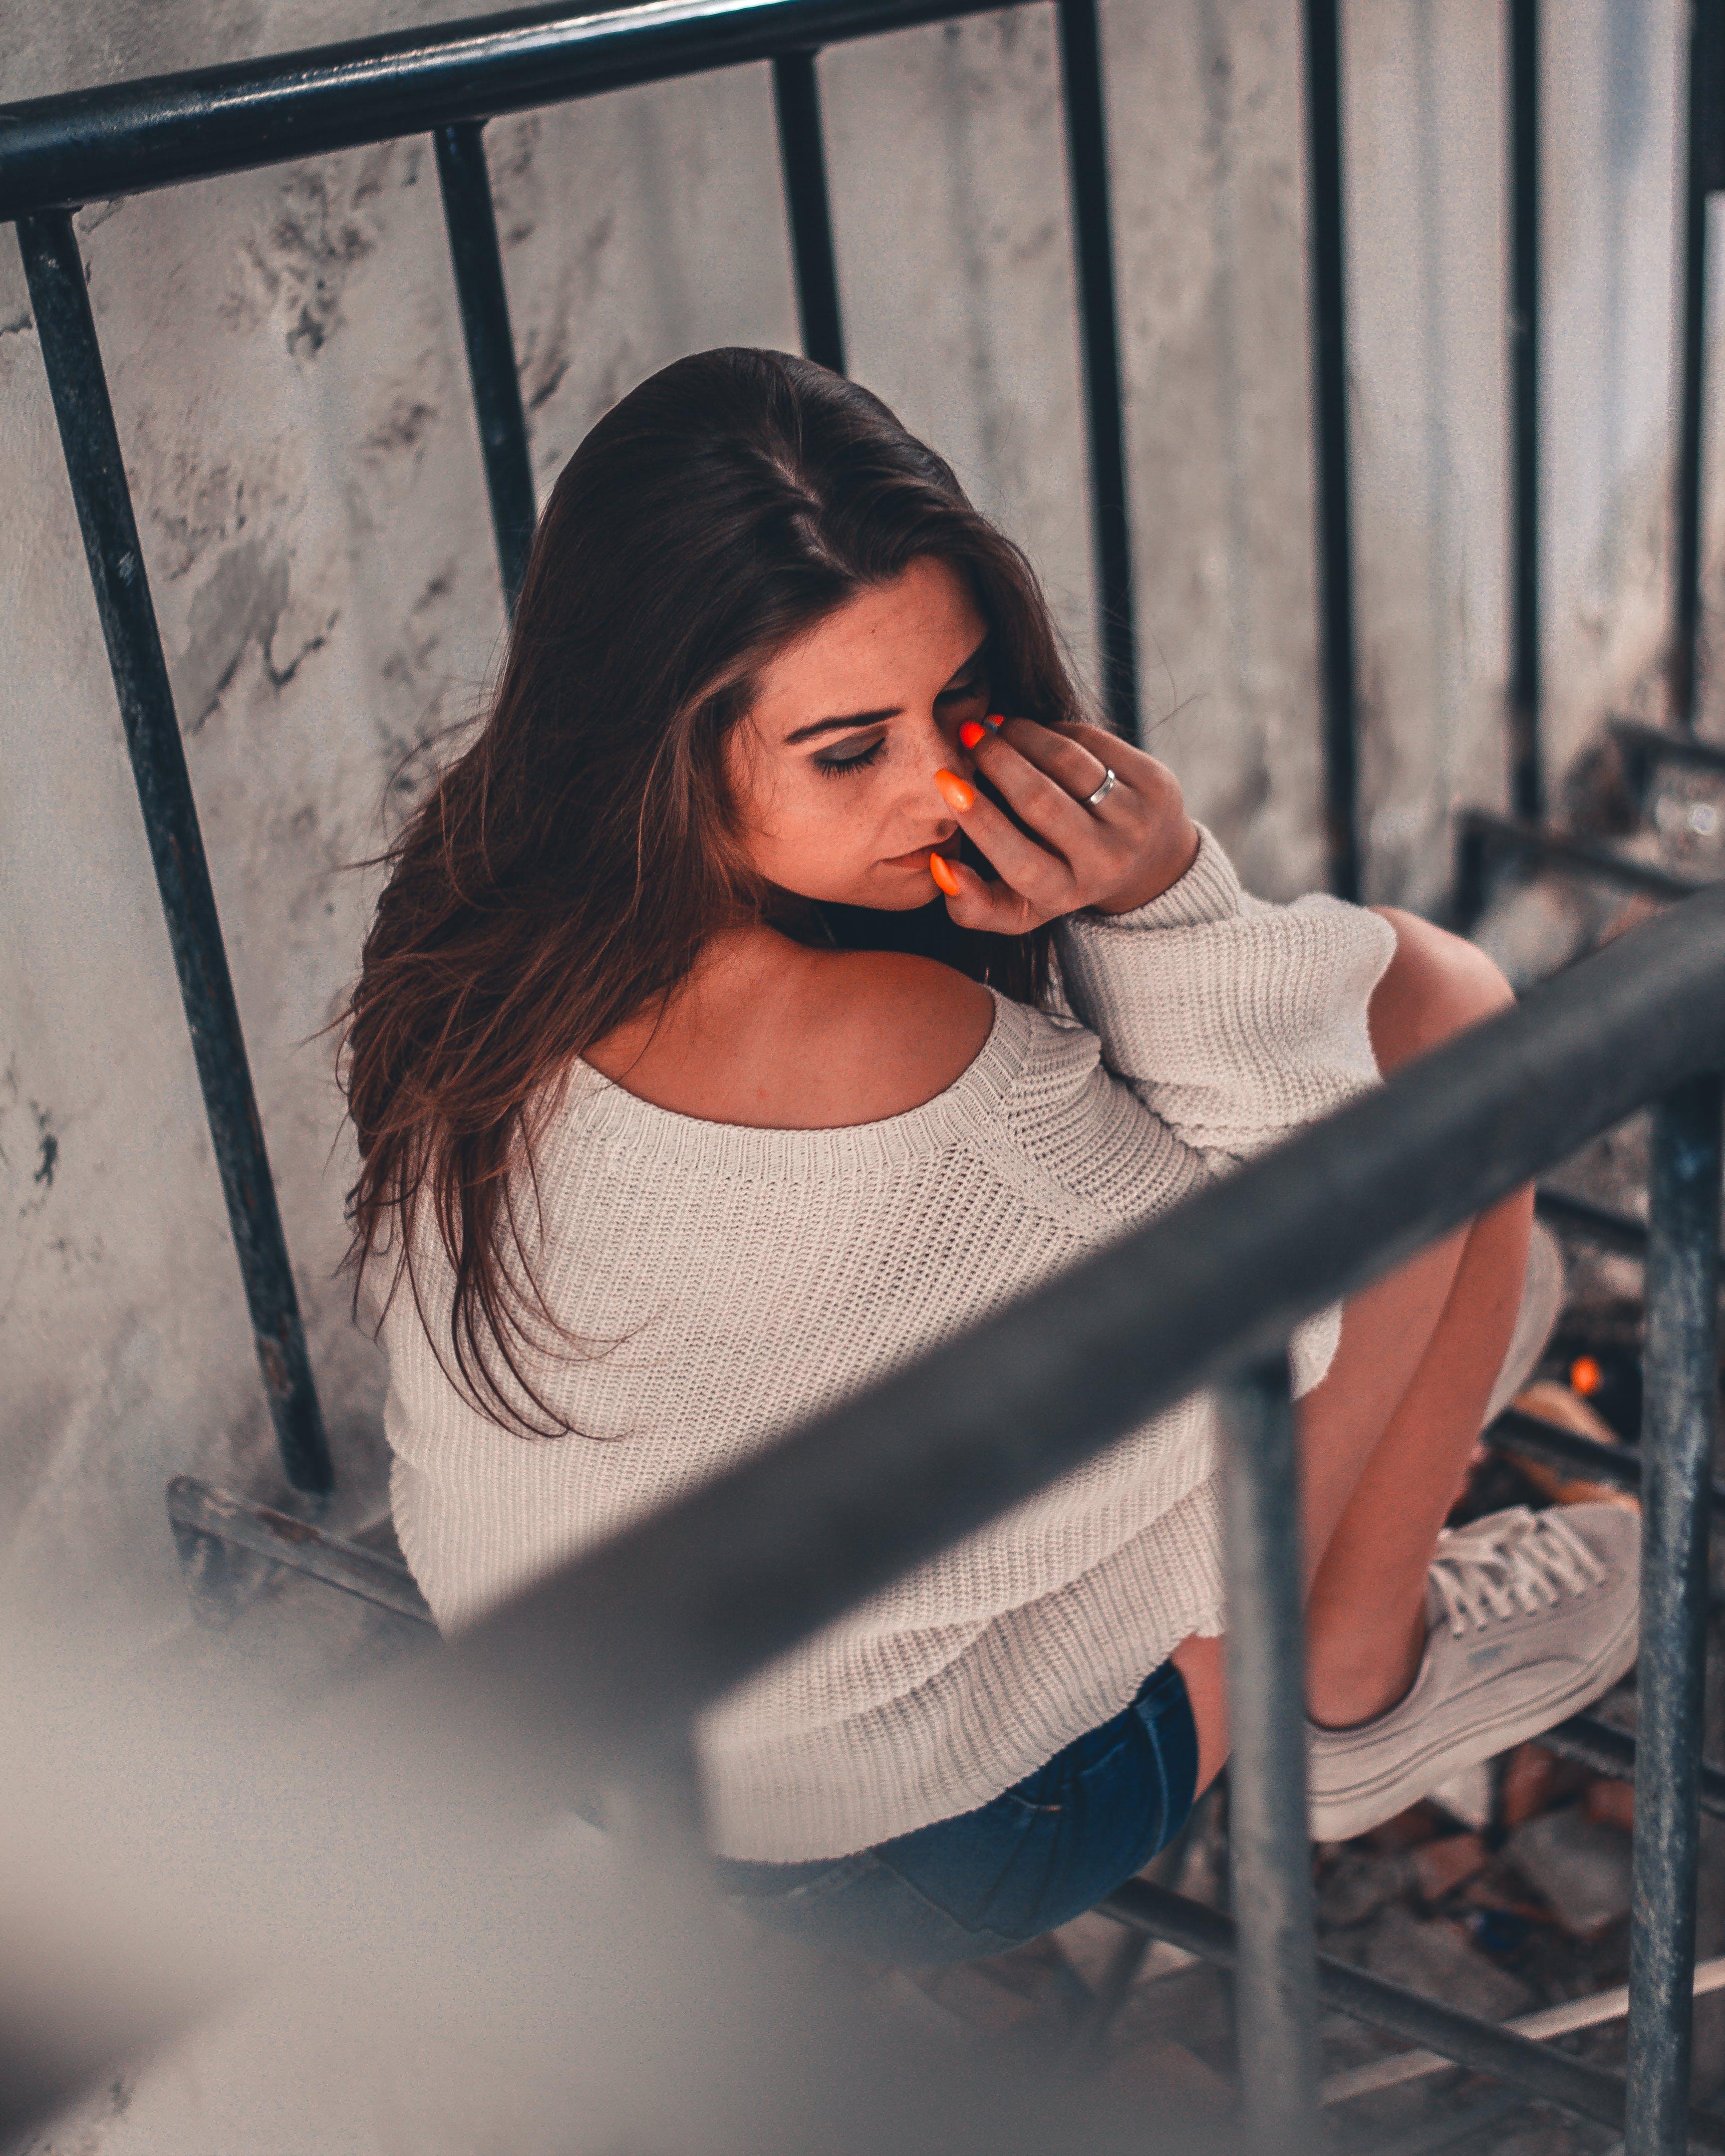 Fotos de stock gratuitas de actitud, barandillas, belleza, bonita